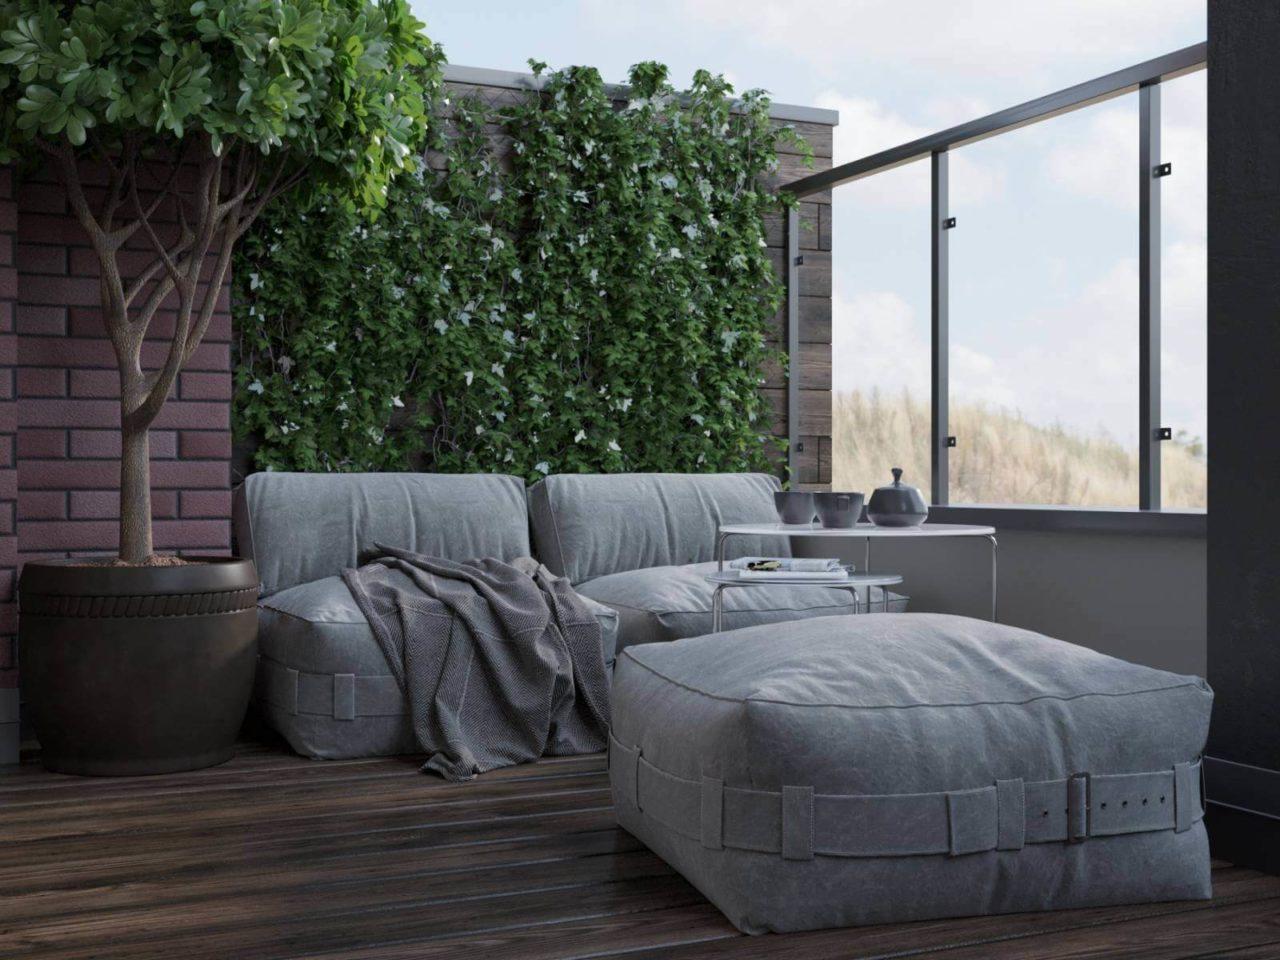 Дизайн проект двухэтажная квартира с террасой, Ирпень | 2 этаж фото 5